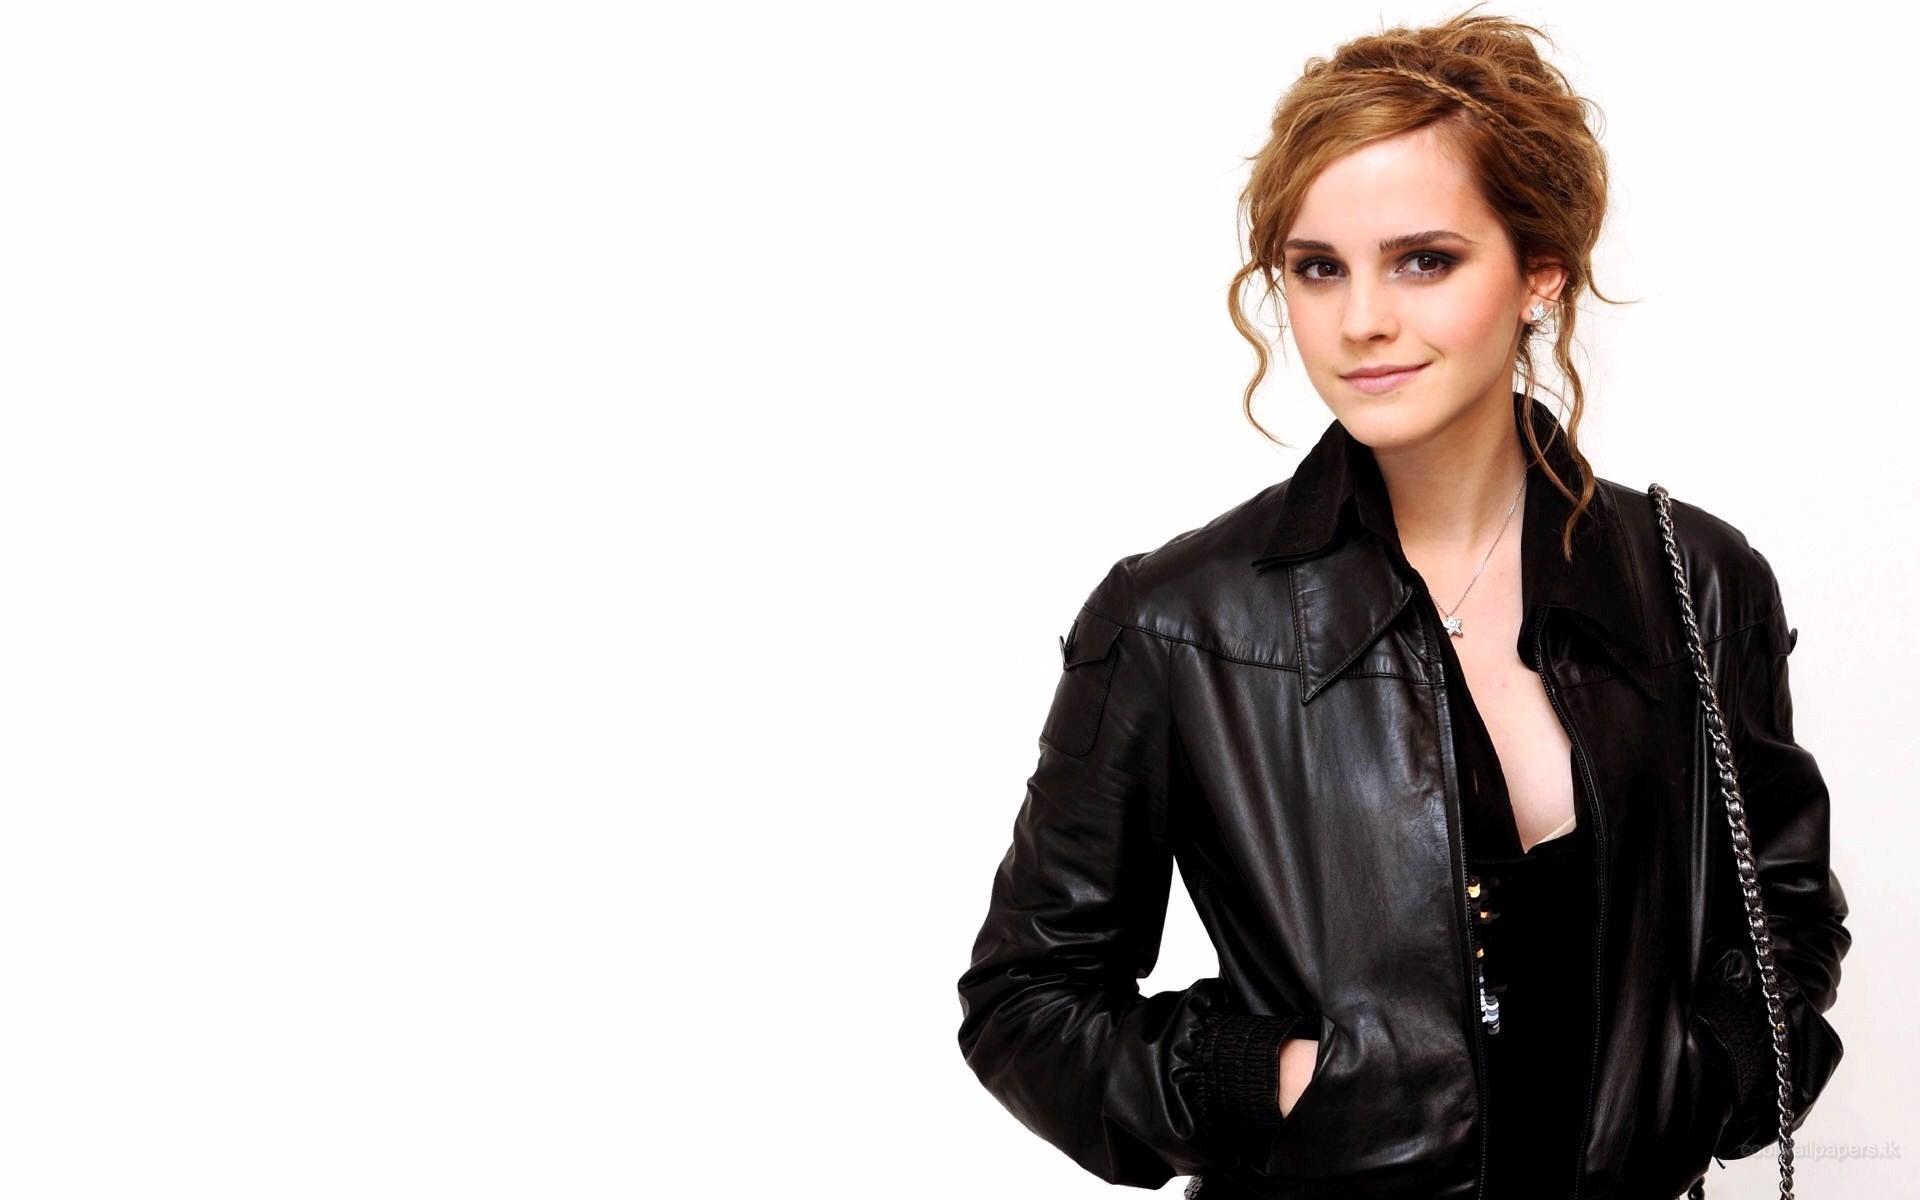 Emma Watson HD Wallpapers 2015.